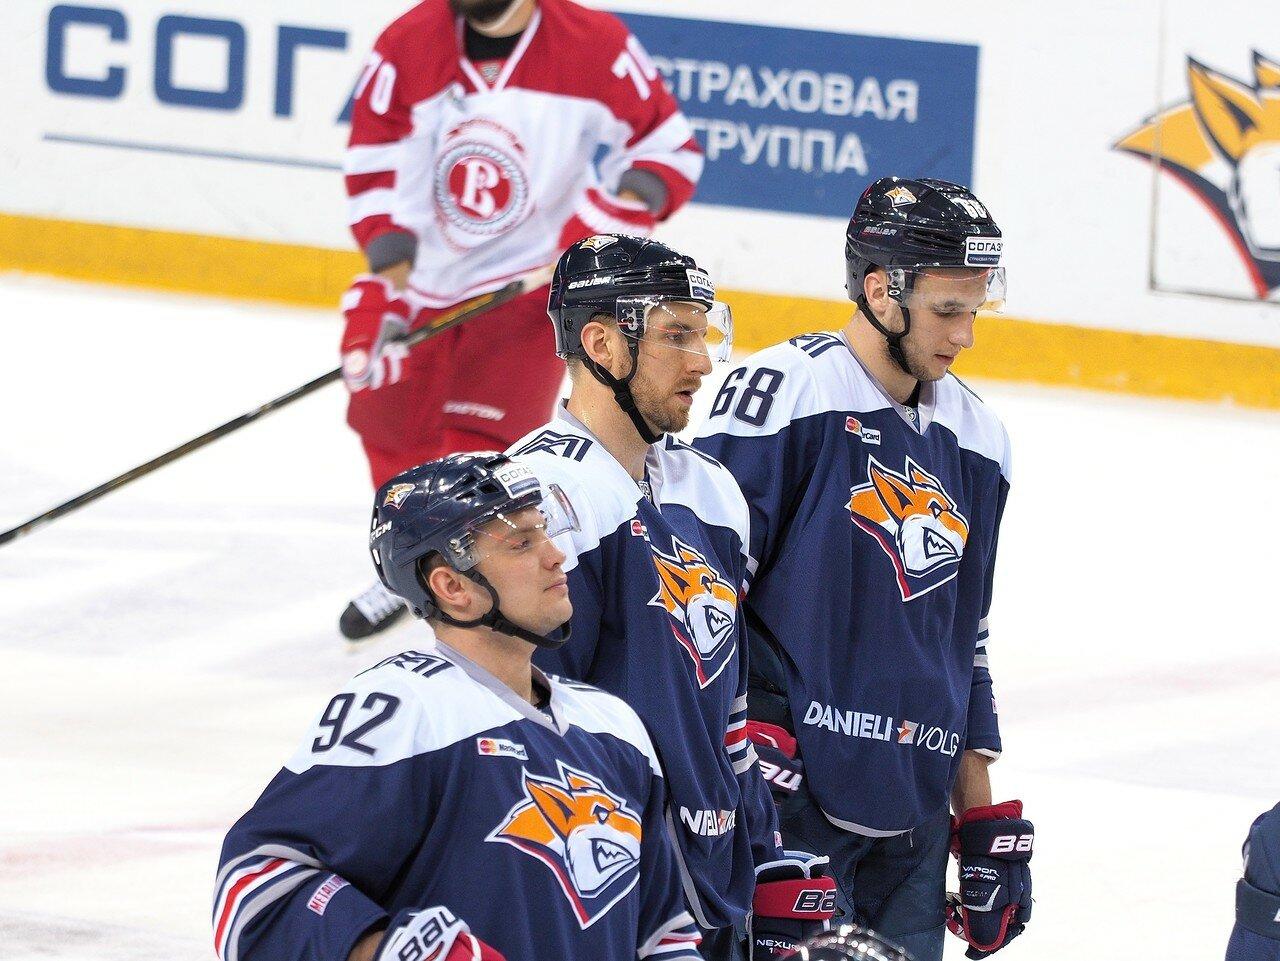 39Металлург - Витязь 25.11.2016